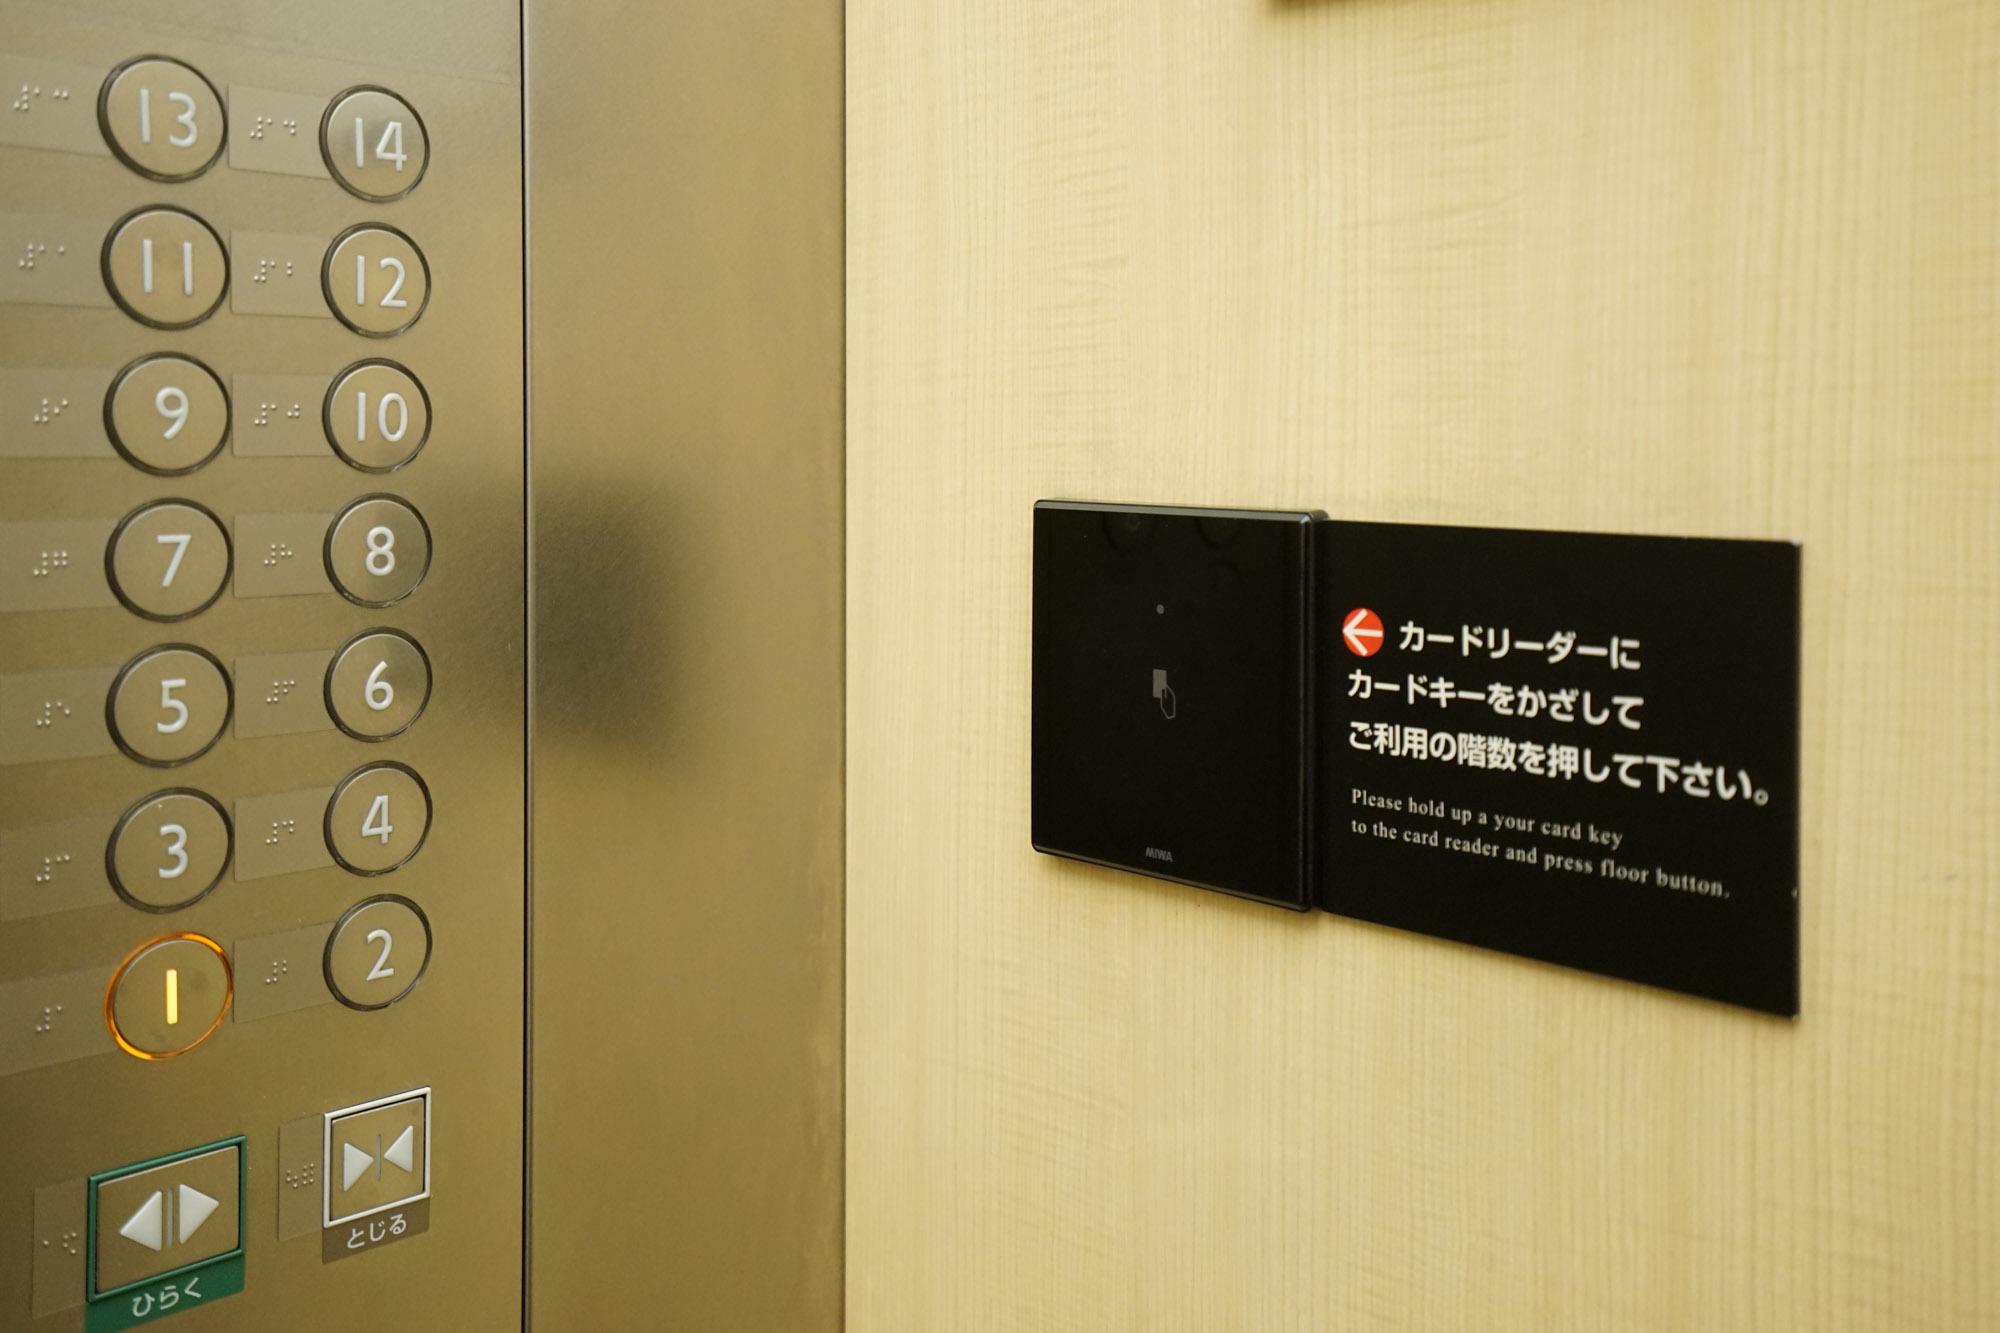 エレベーターも安心のカードキー制御です。